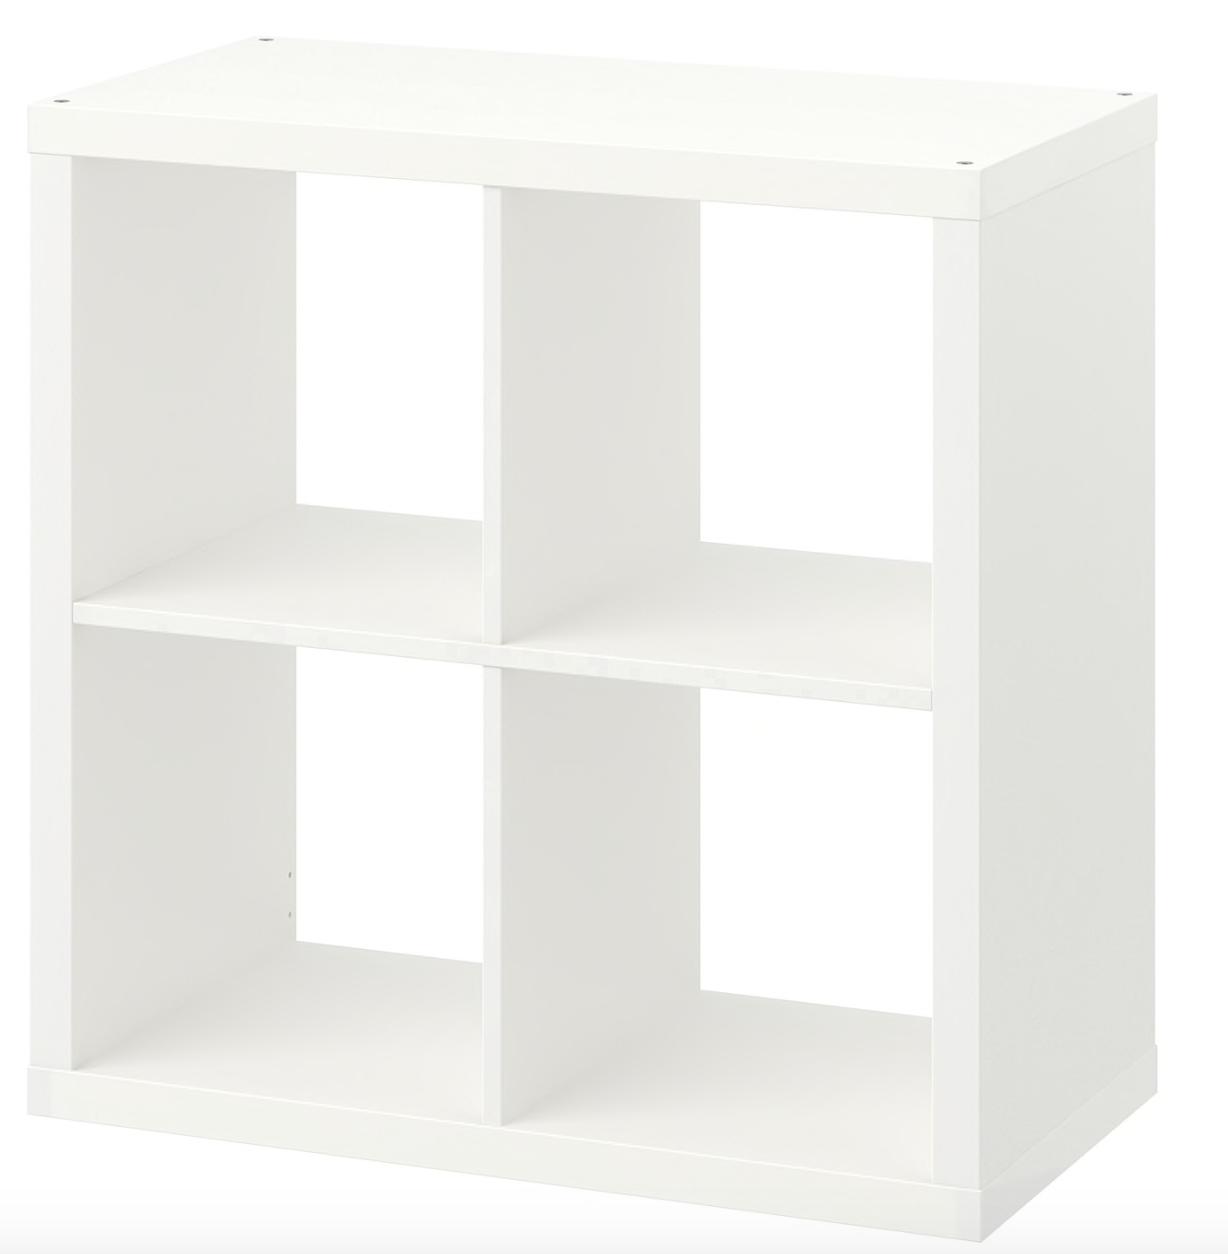 Full Size of Sideboard Betten Ikea 160x200 Miniküche Sofa Mit Schlaffunktion Küche Kosten Kaufen Modulküche Anrichte Bei Wohnzimmer Anrichte Ikea